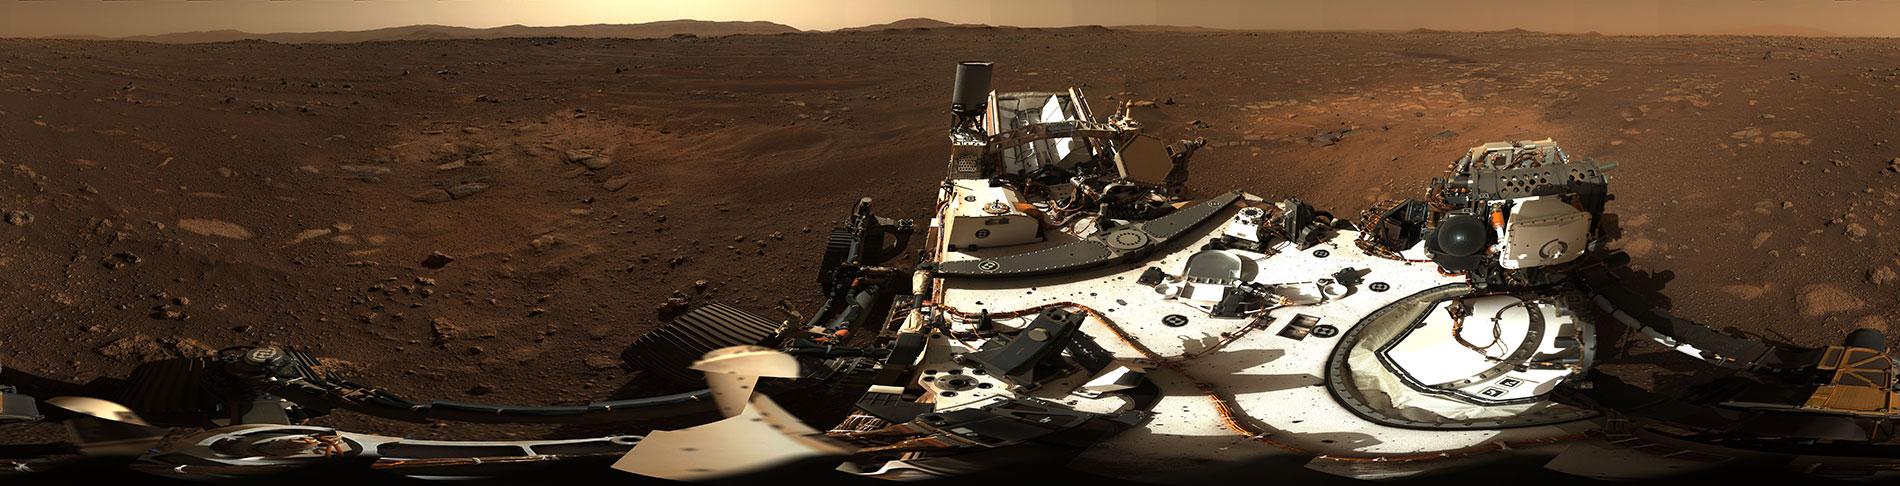 Zatím nejkrásnější panorama z Marsu